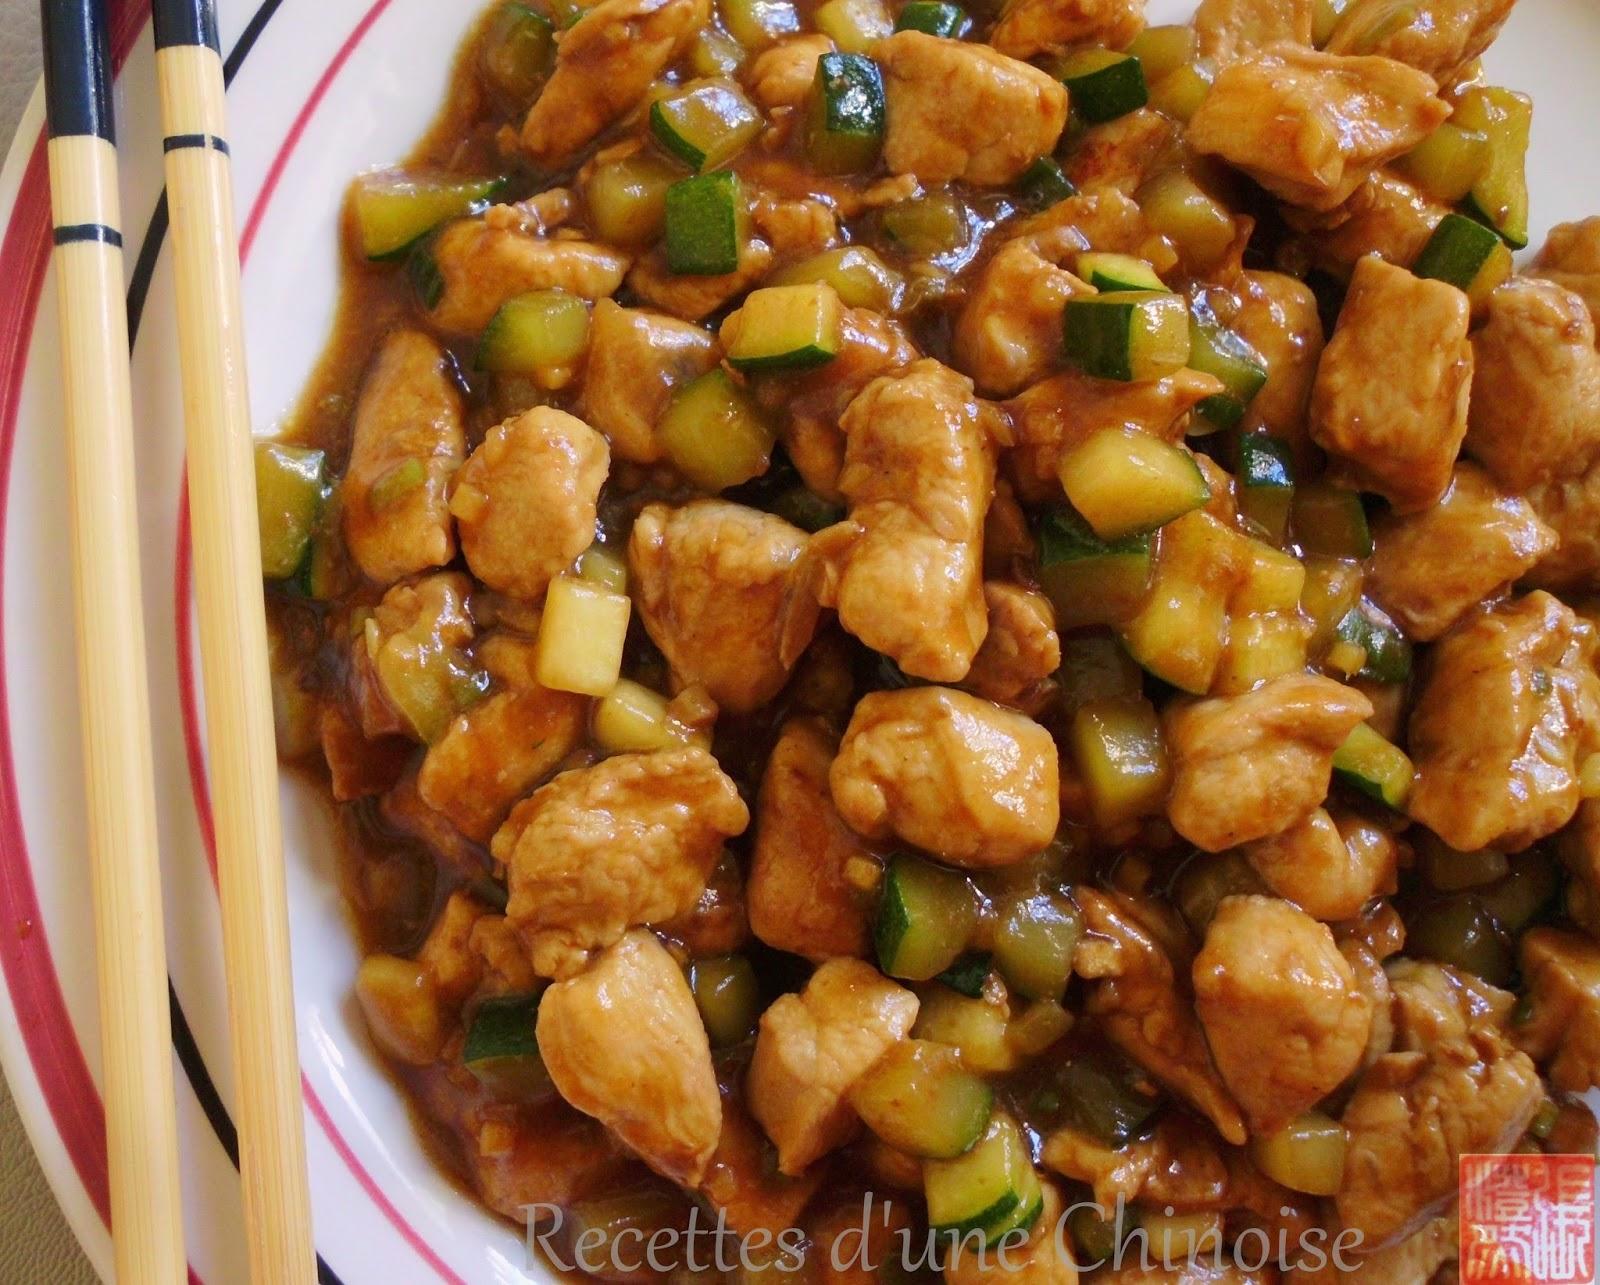 recettes d une chinoise poulet saut 233 224 la p 226 te de soja ferment 233 e huang jiang doenjang 酱爆鸡丁